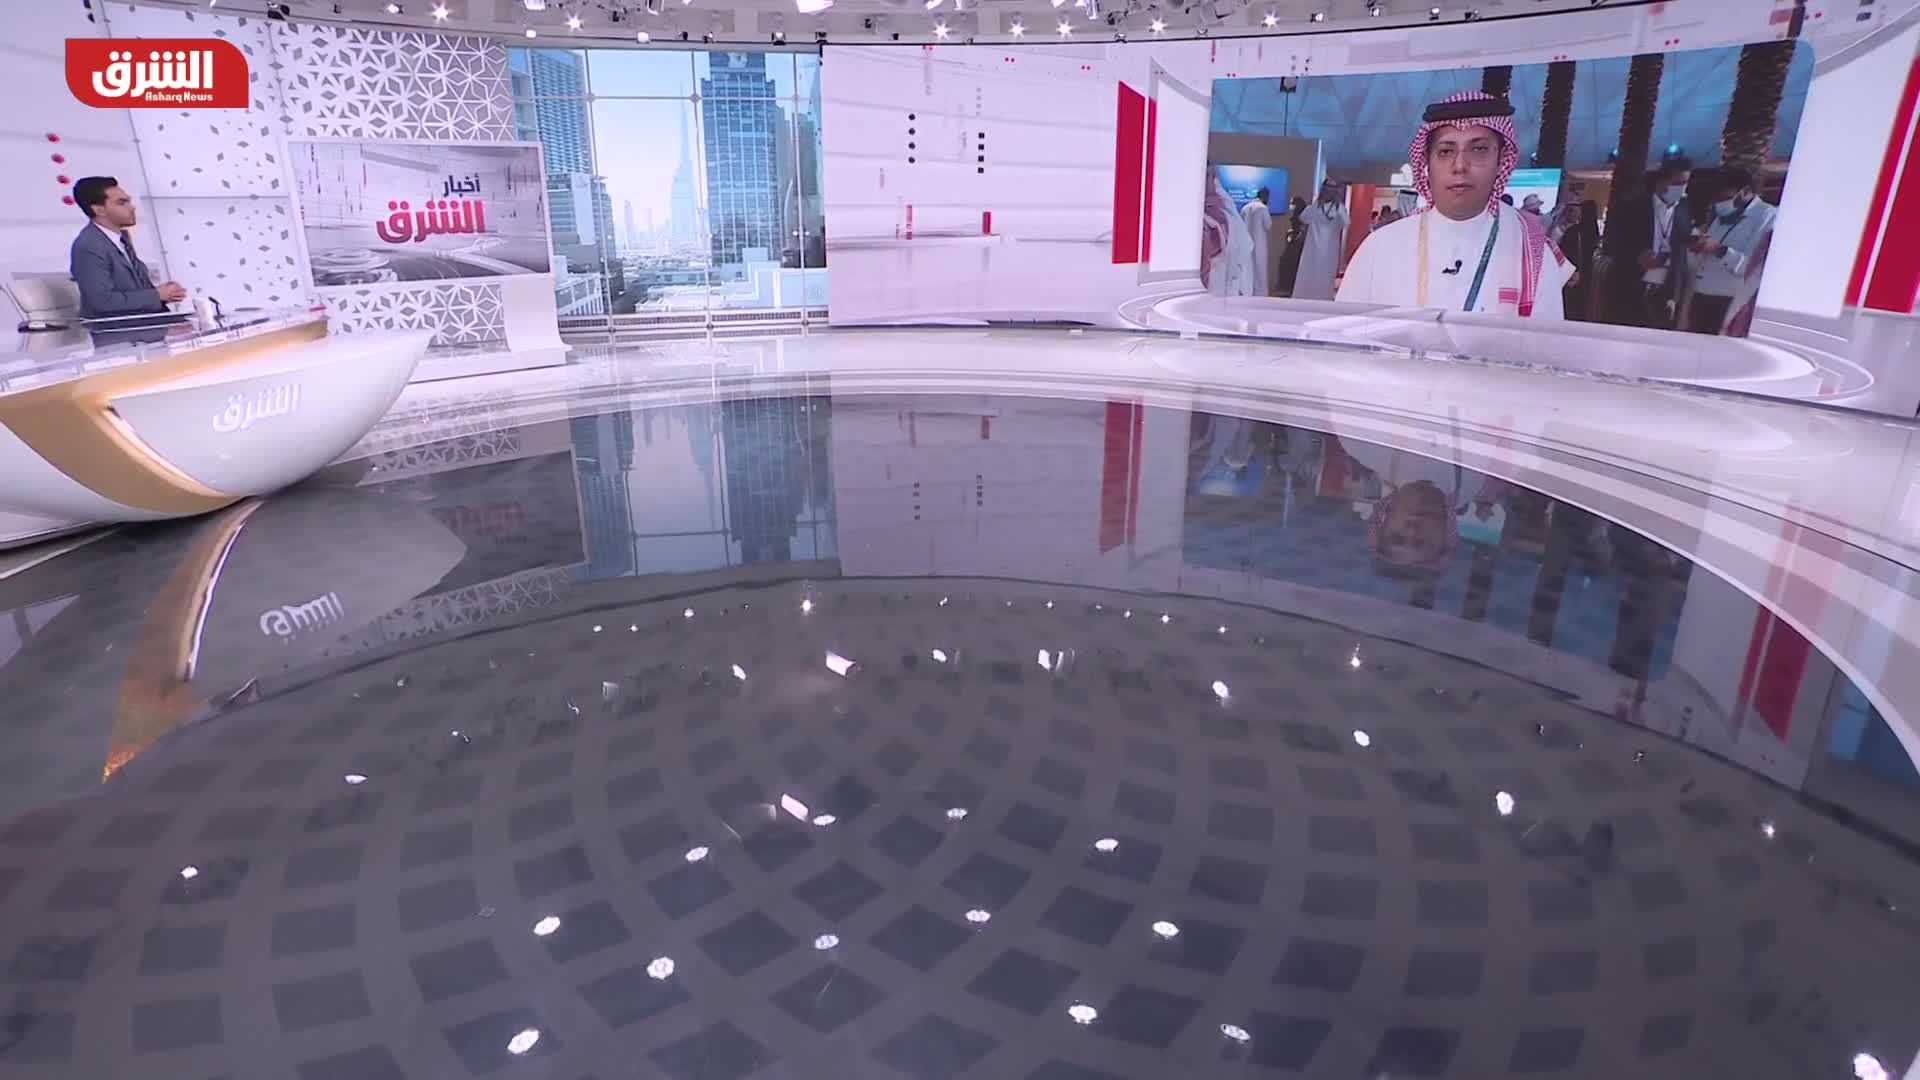 السعودية.. انطلاق مبادرتي السعودية خضراء والشرق الأوسط الأخضر